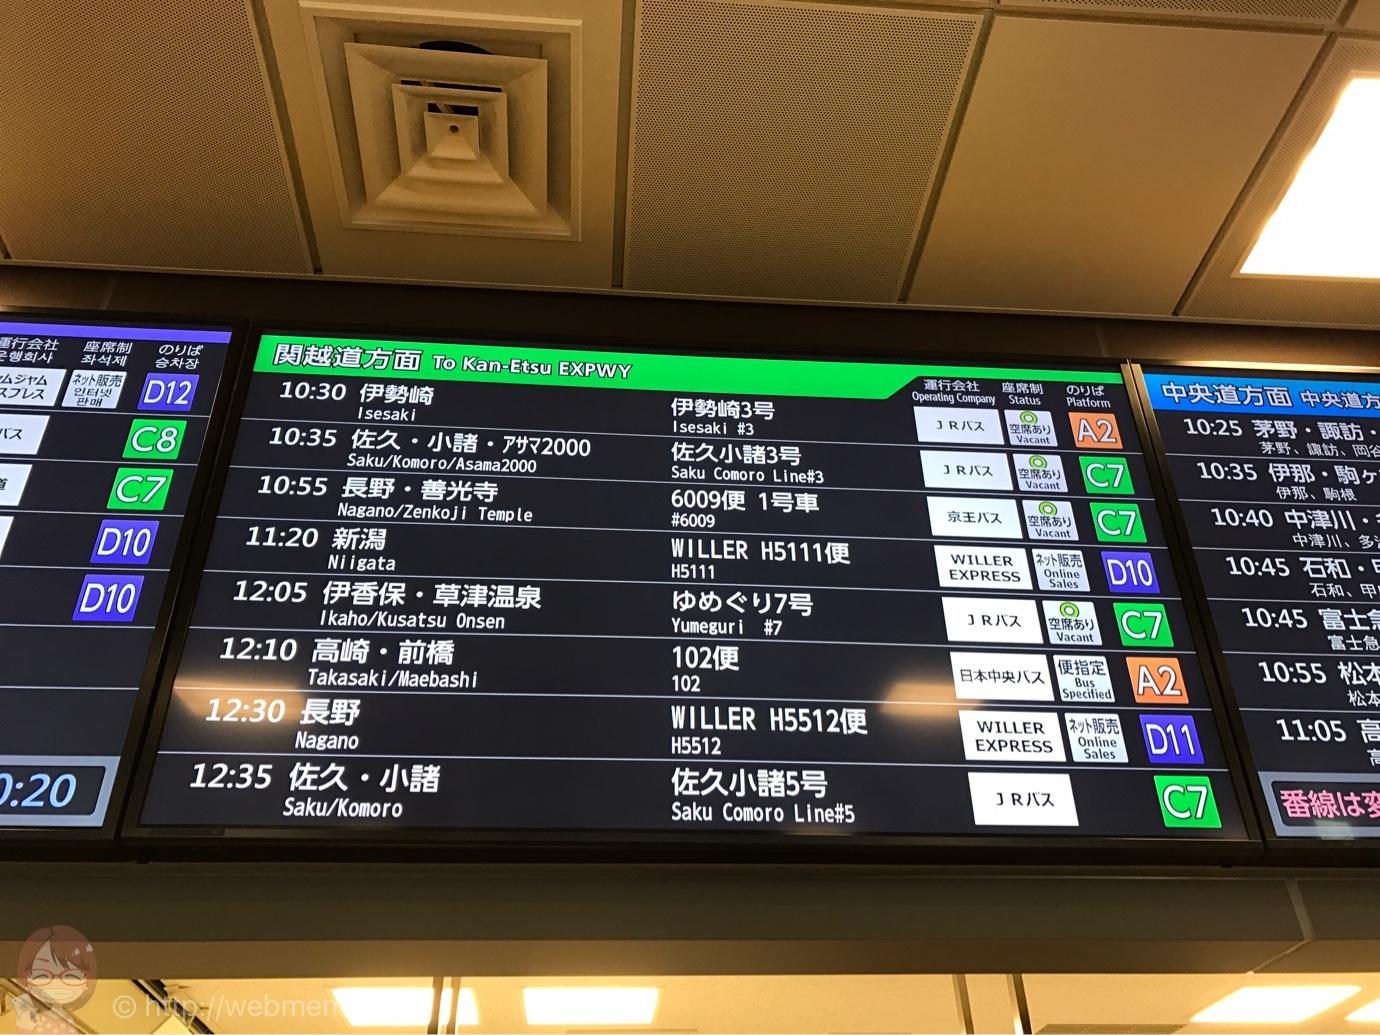 バスタ新宿 待合室と電光掲示板